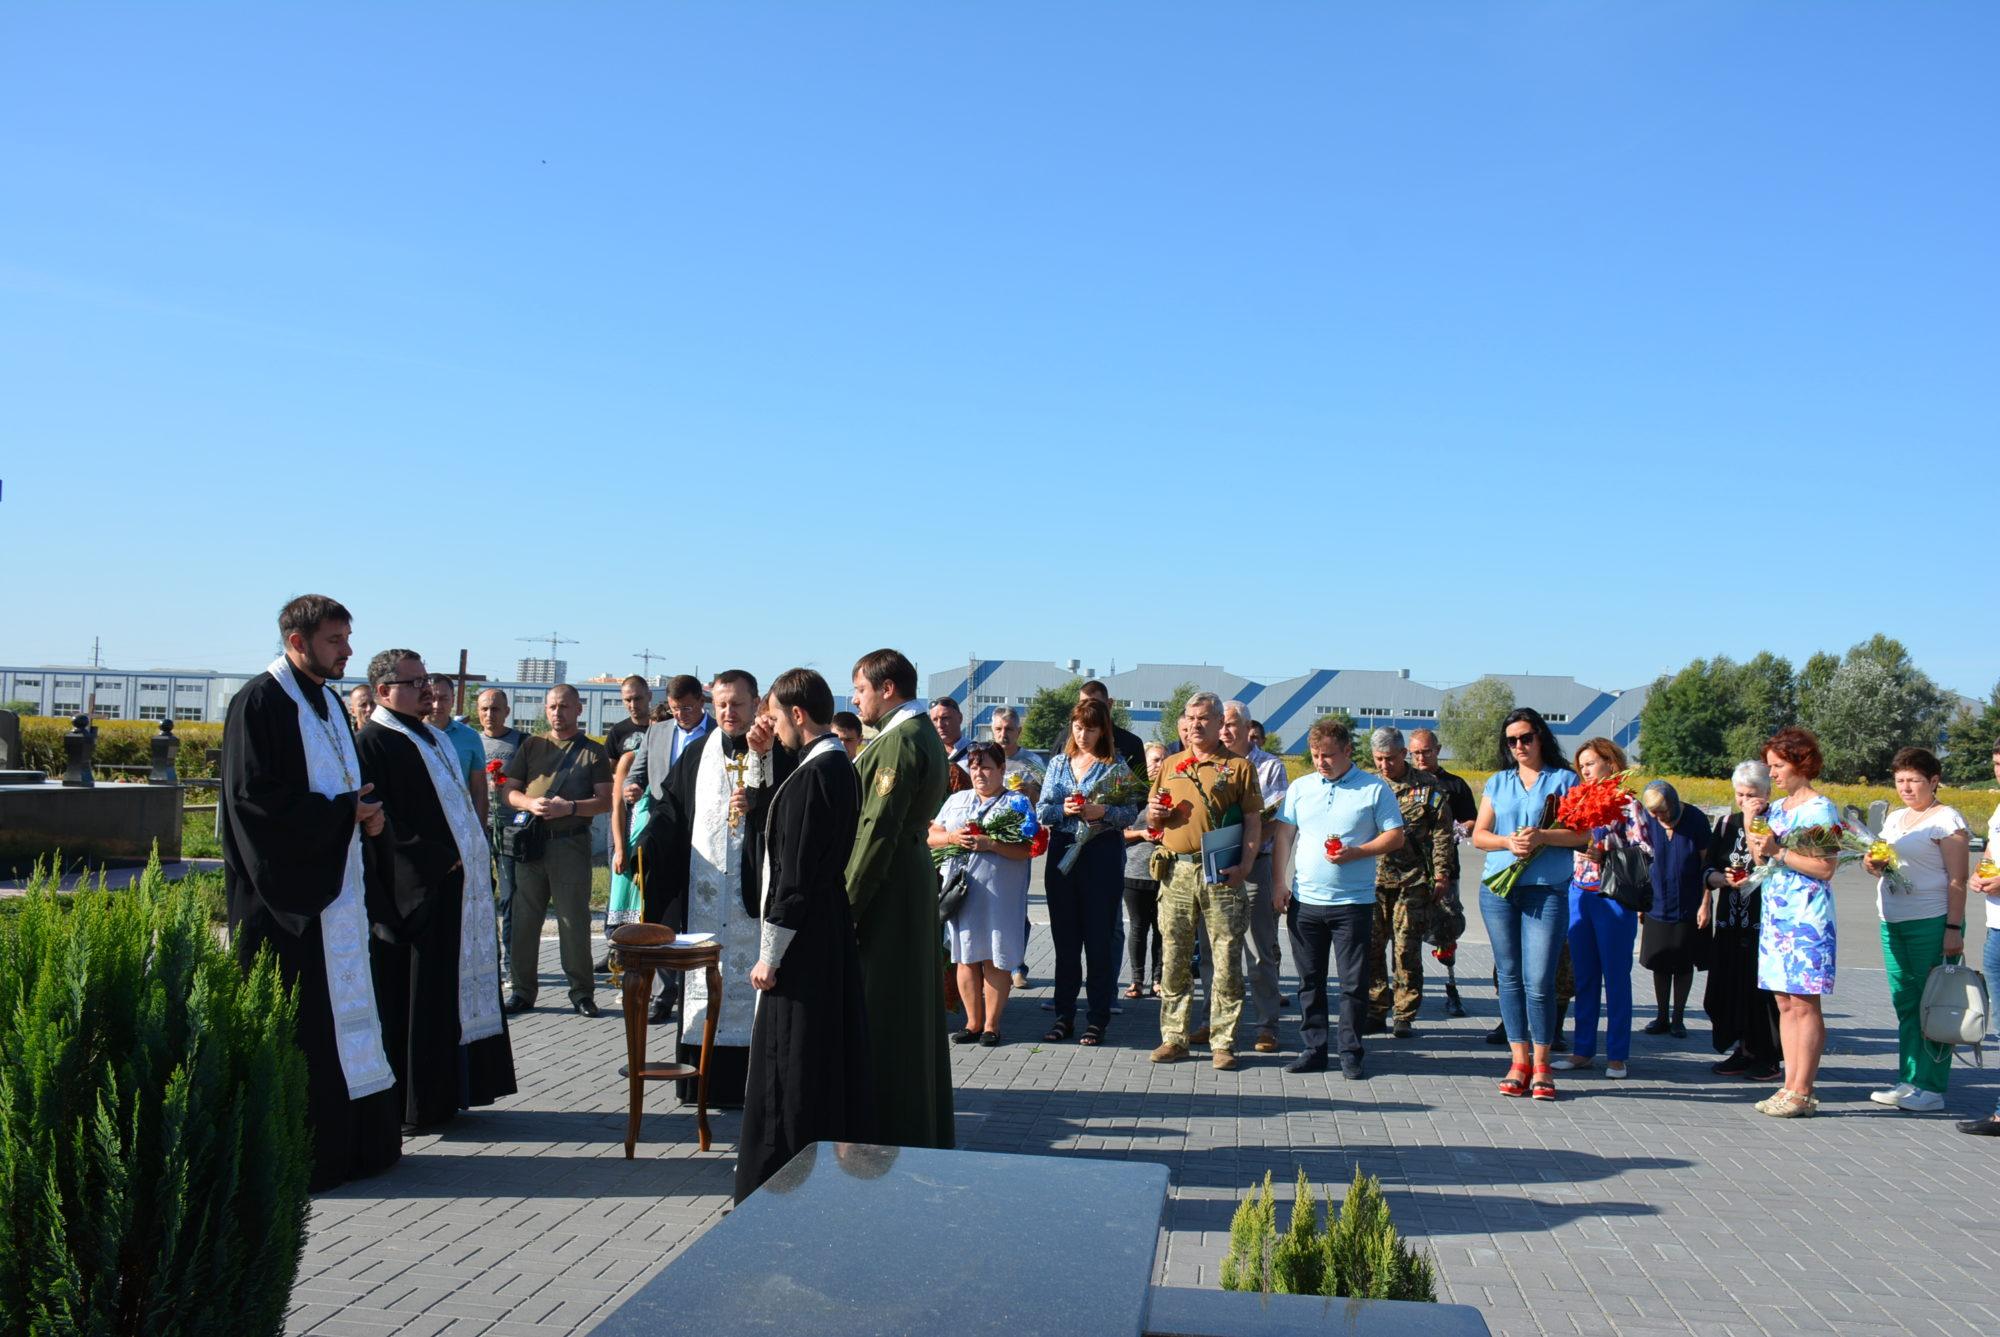 День пам'яті захисників України в Броварах: поминальний молебень та вшанування загиблих -  - DSC 9530 2000x1337